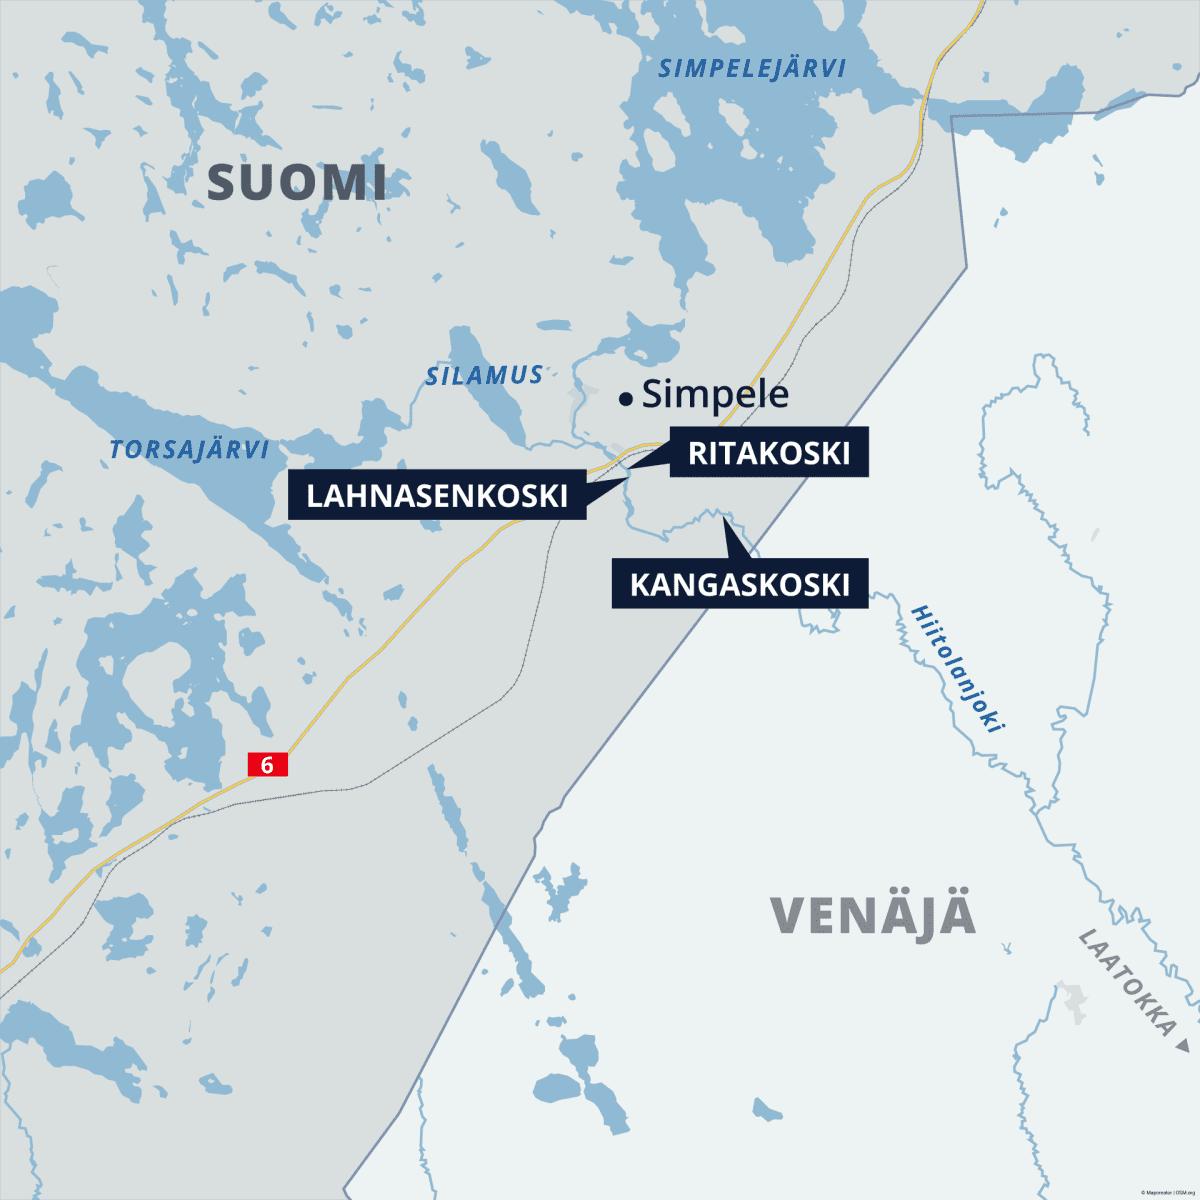 Kartta, johon merkitty Hiitolanjoella sijaitsevat kolme voimalaitosta Lahnasenkoski, Ritakoski ja Kangaskoski.